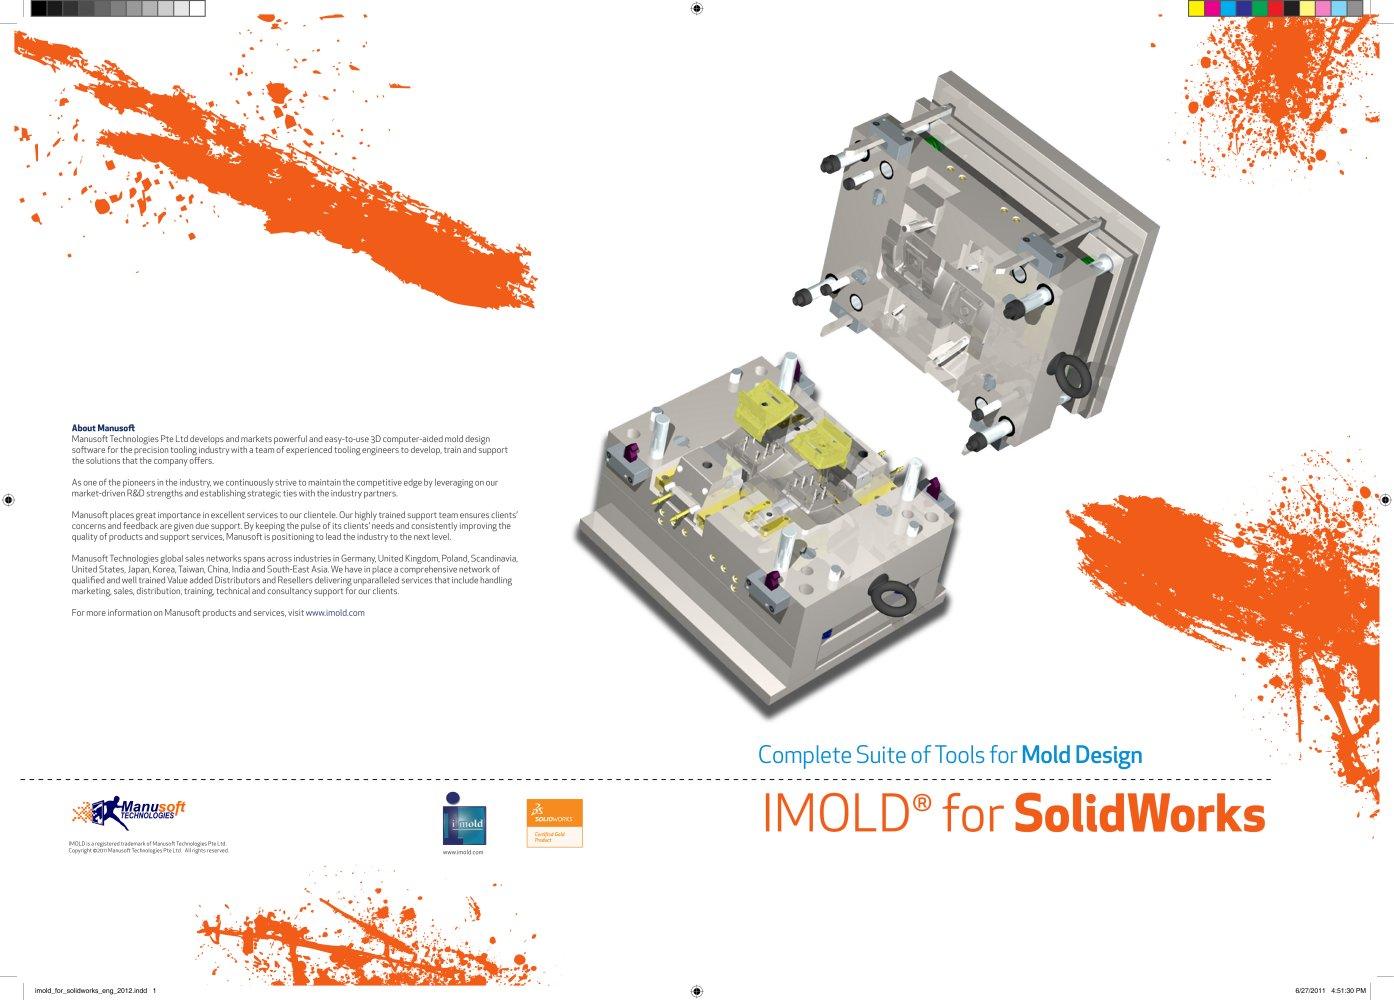 دانلود نرم افزار،کرک و پلاگین Solidworks :: مهندسی معکوس